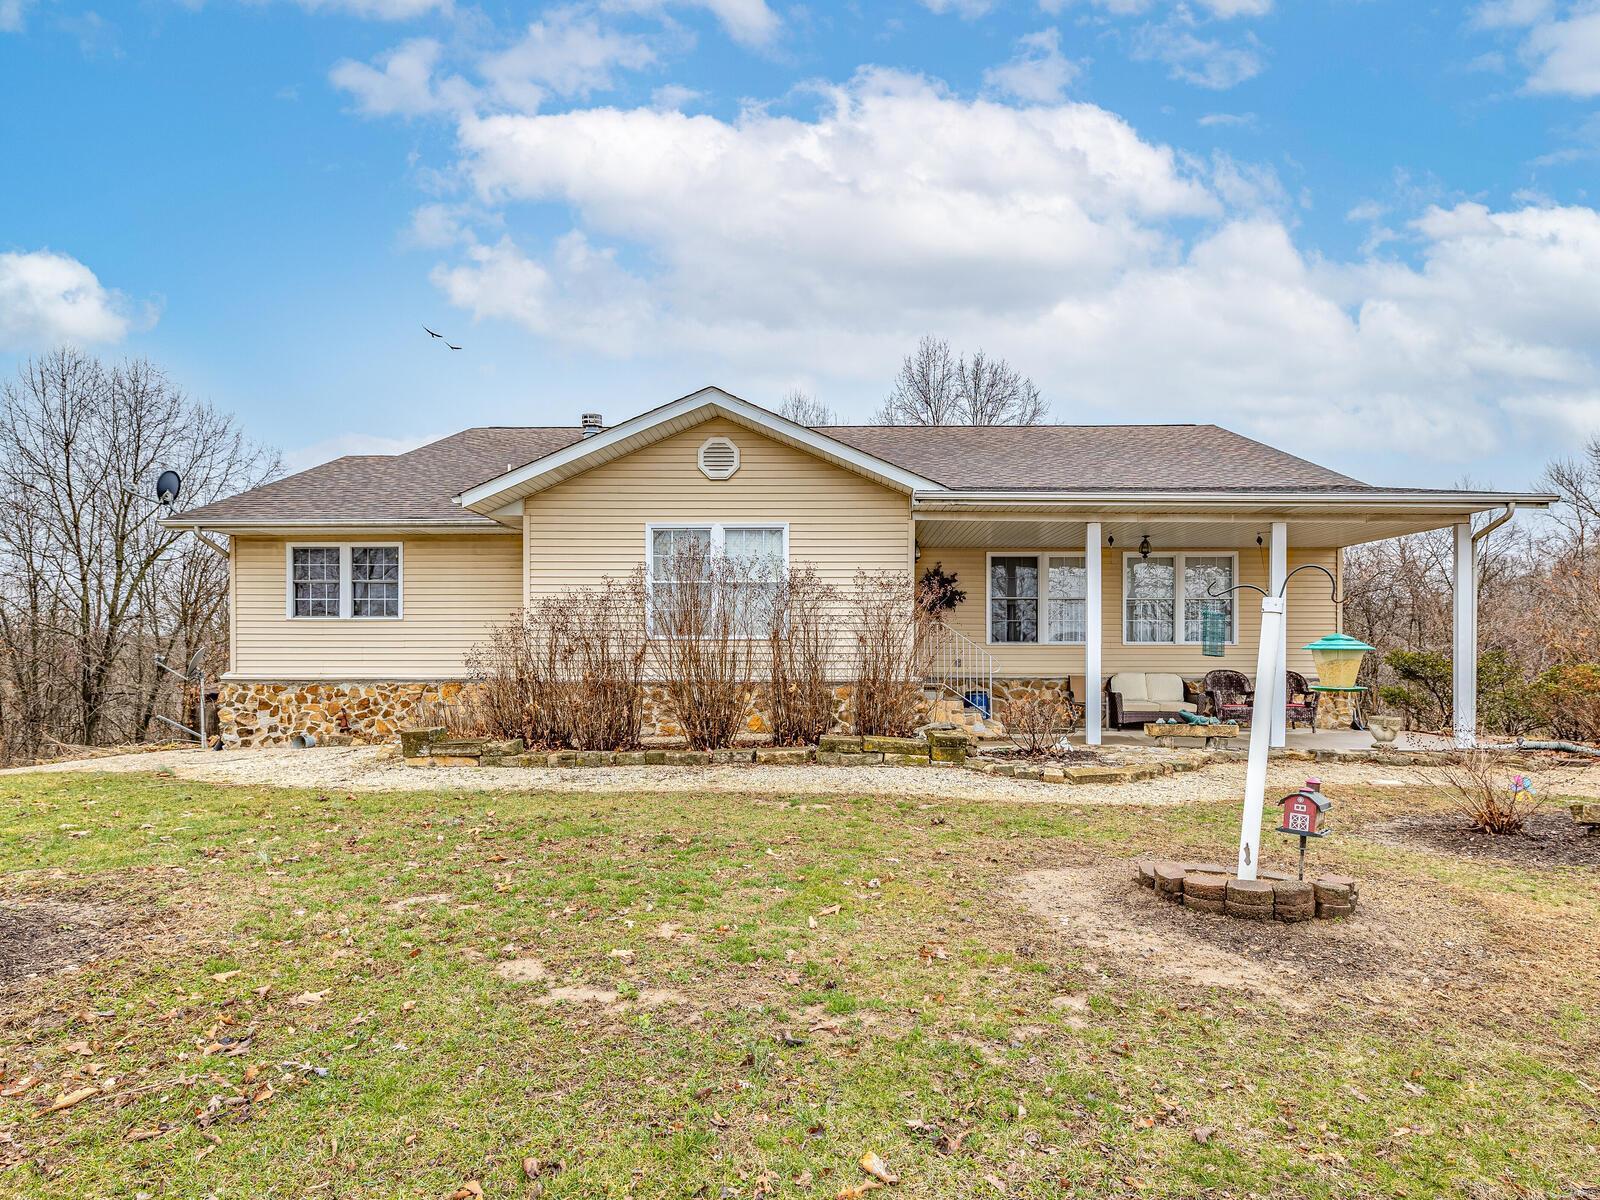 19009 Doe Lane Property Photo - Fieldon, IL real estate listing